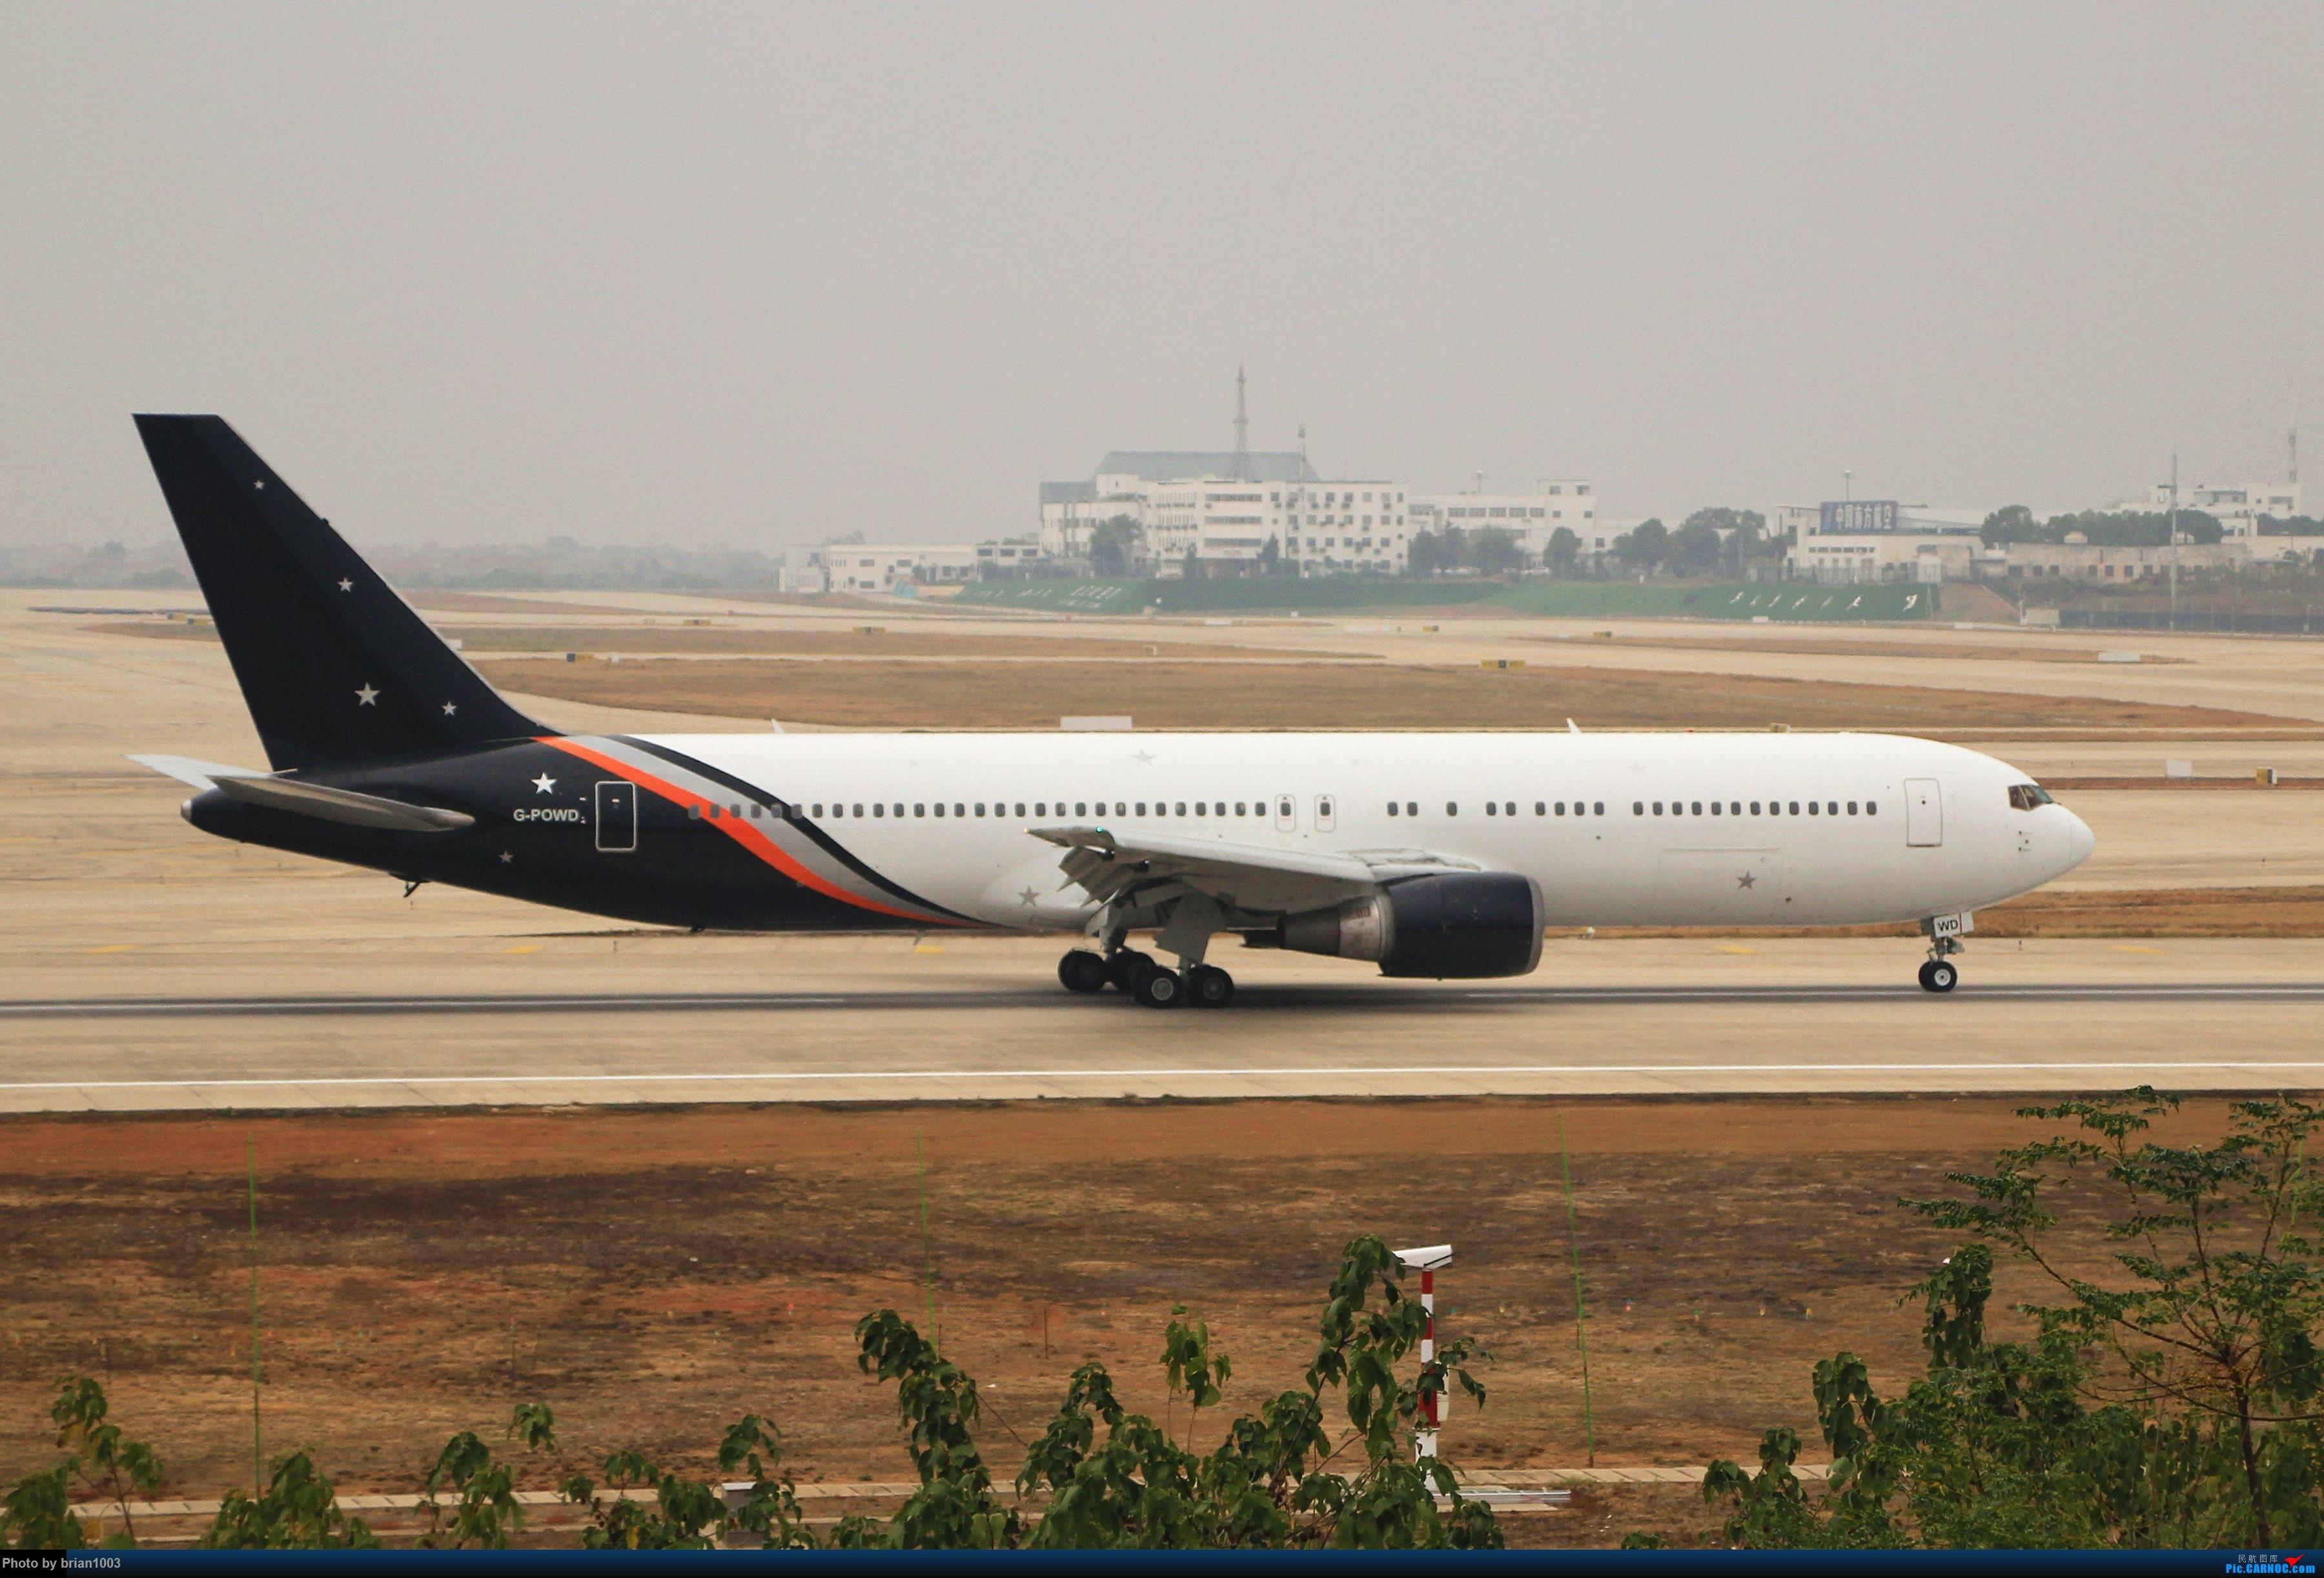 Re:[原创]WUH武汉天河机场拍机之精彩满满的十月(还可能更新) BOEING 767-300 G-POWD 中国武汉天河国际机场